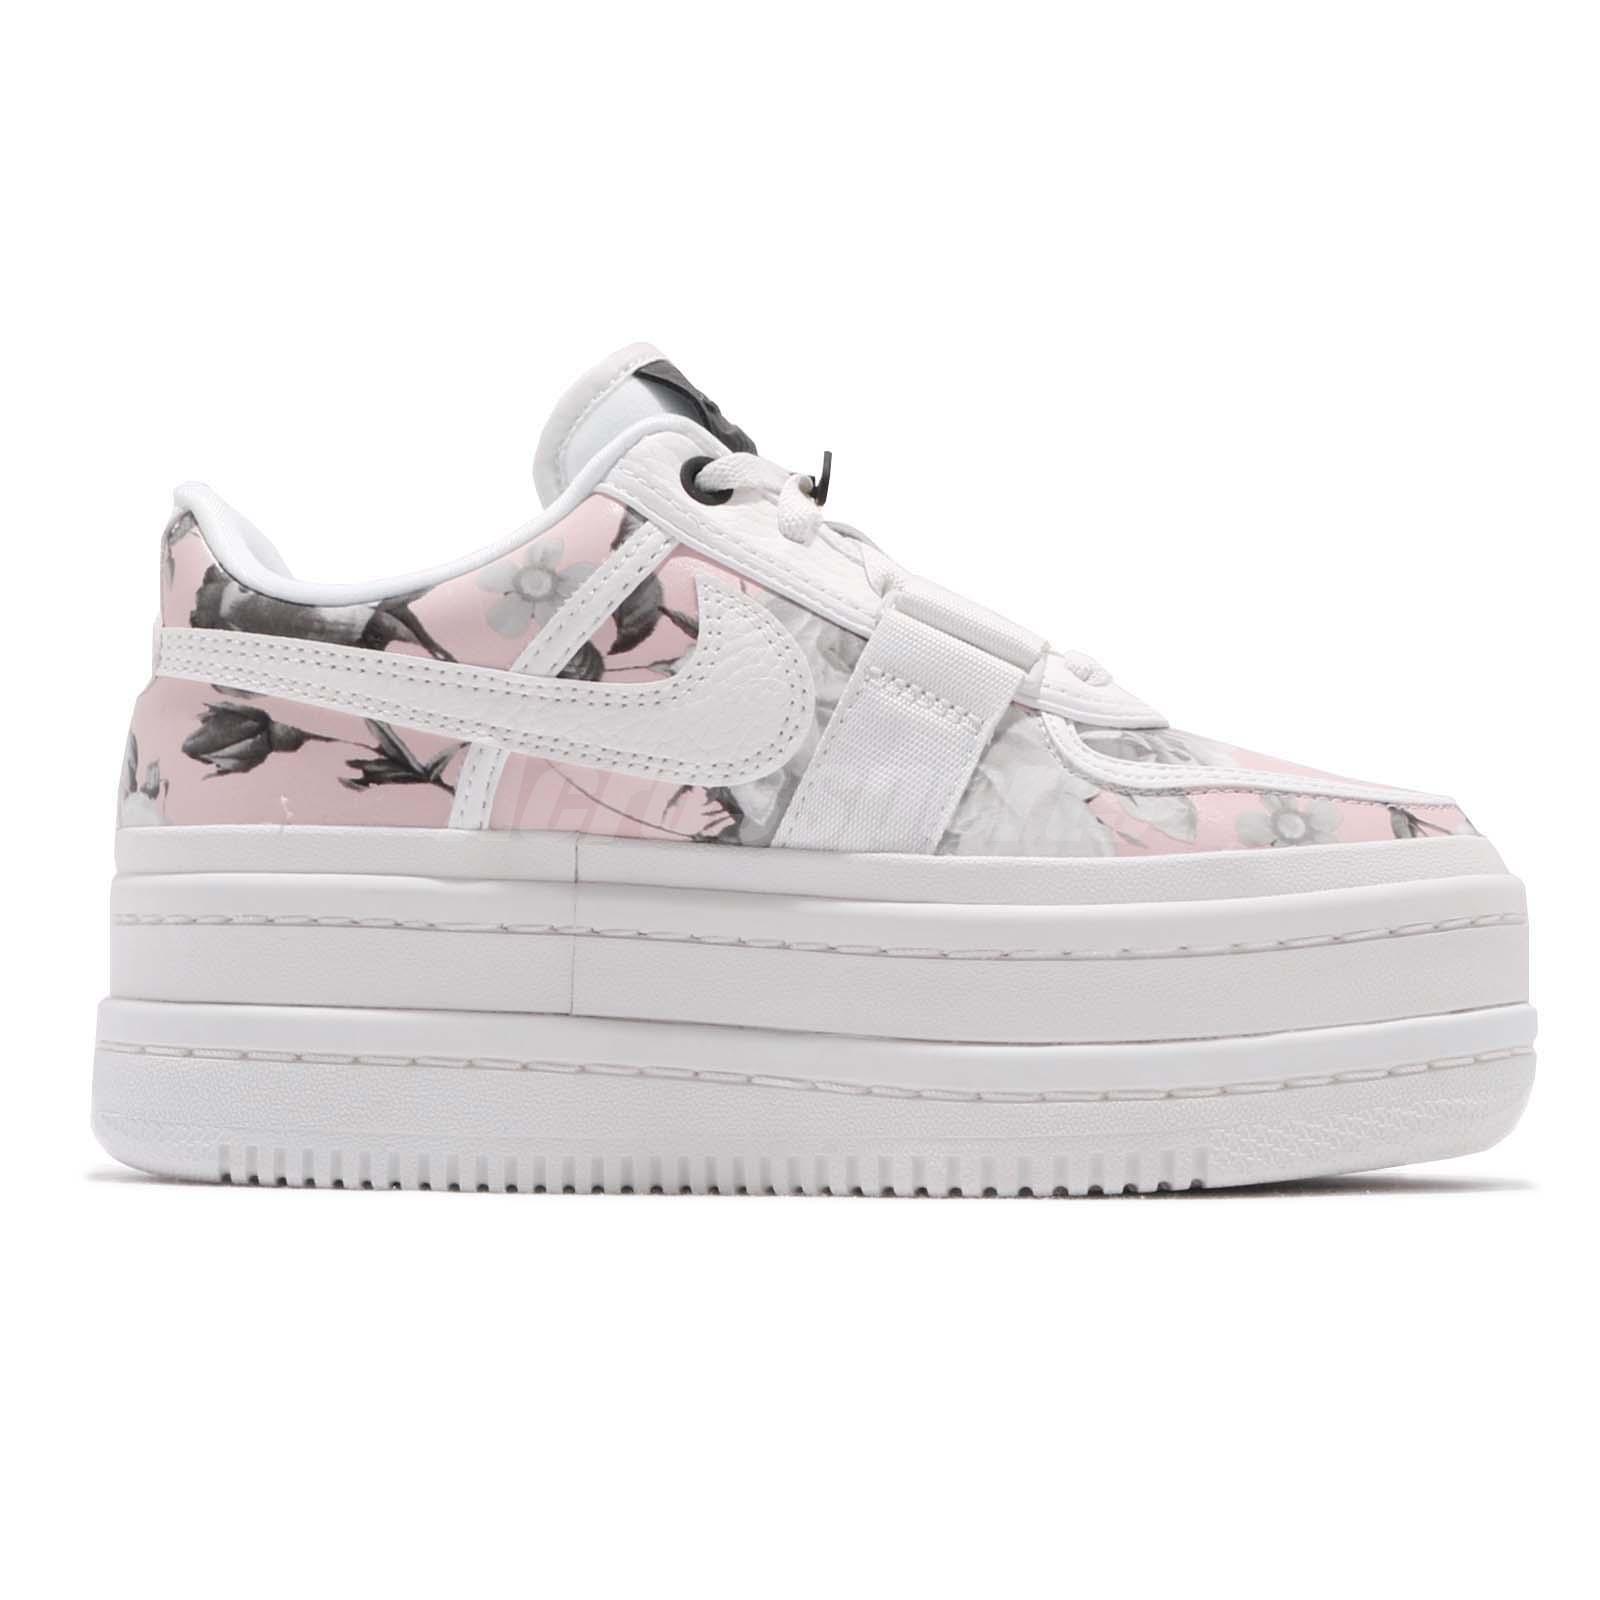 9c79a8627438c9 Nike Wmns Vandal 2K LX Floral White Women Platform Casual Shoes ...